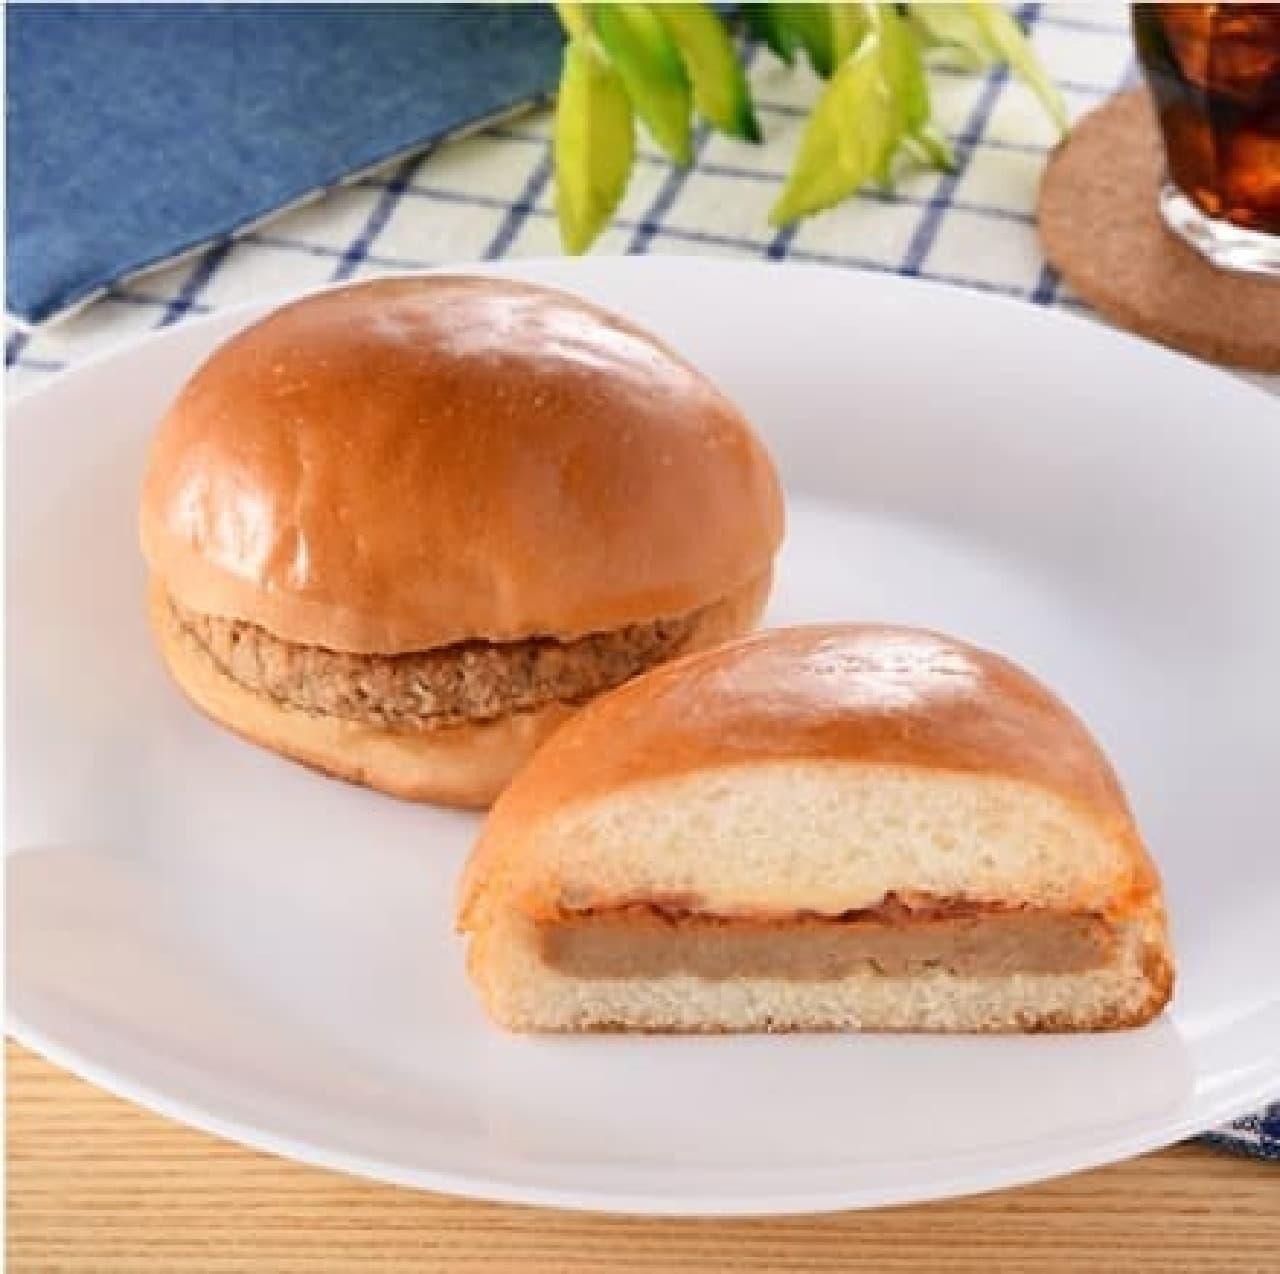 ファミリーマート「ハンバーガー」